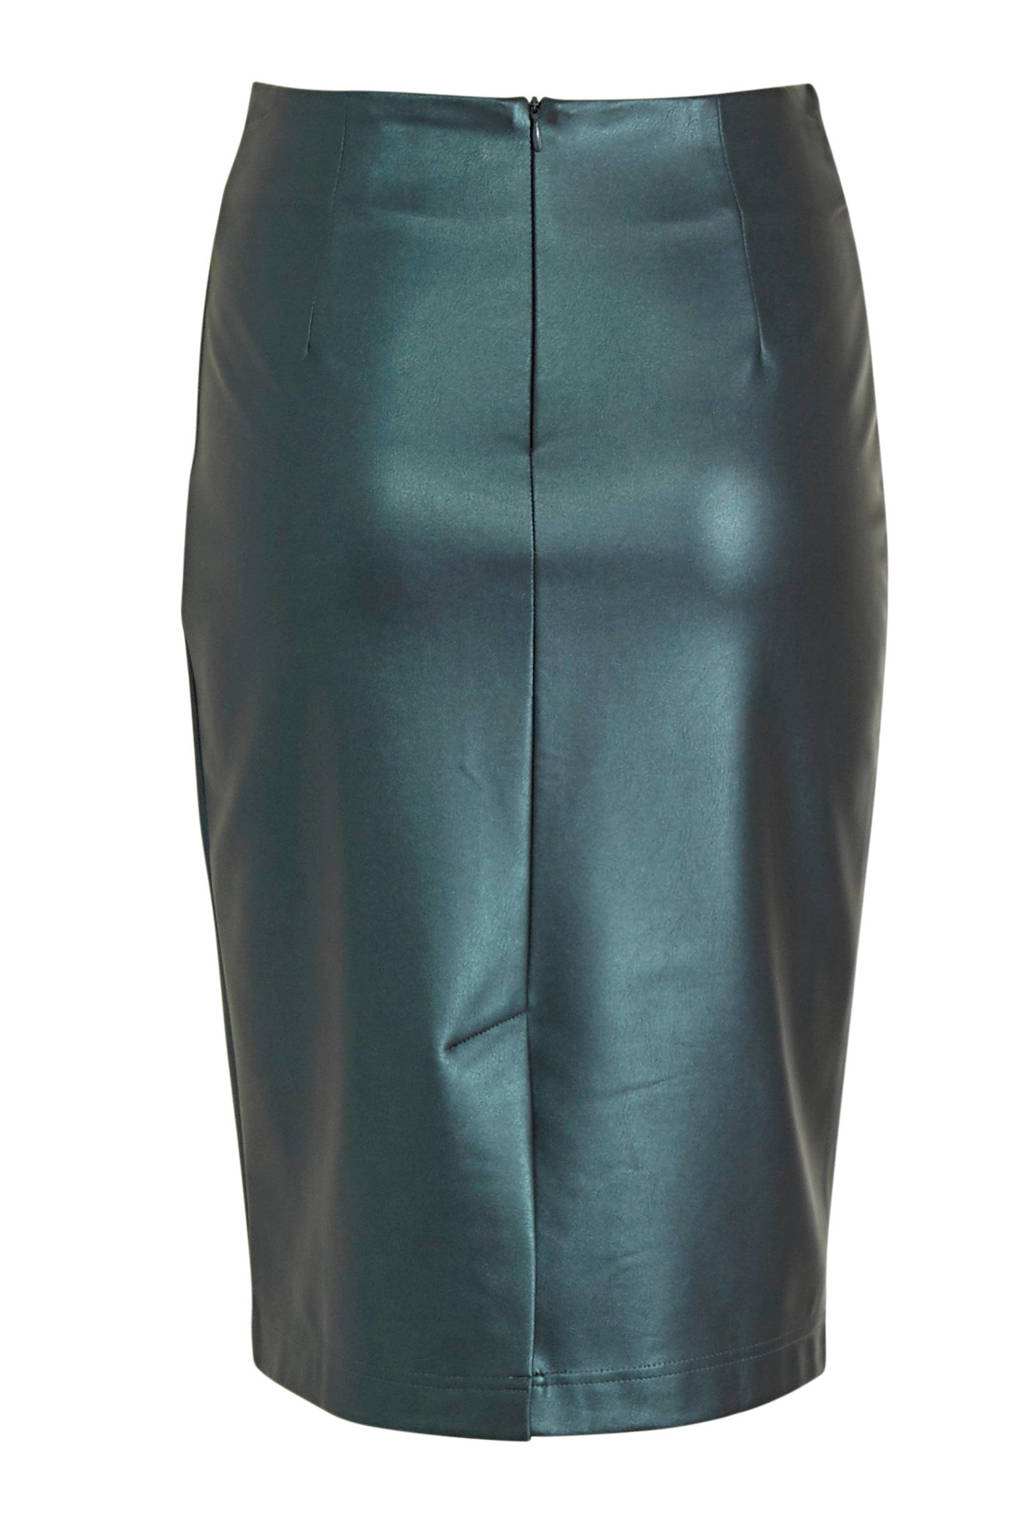 C&A Yessica coated rok groenblauw metallic, Groenblauw metallic